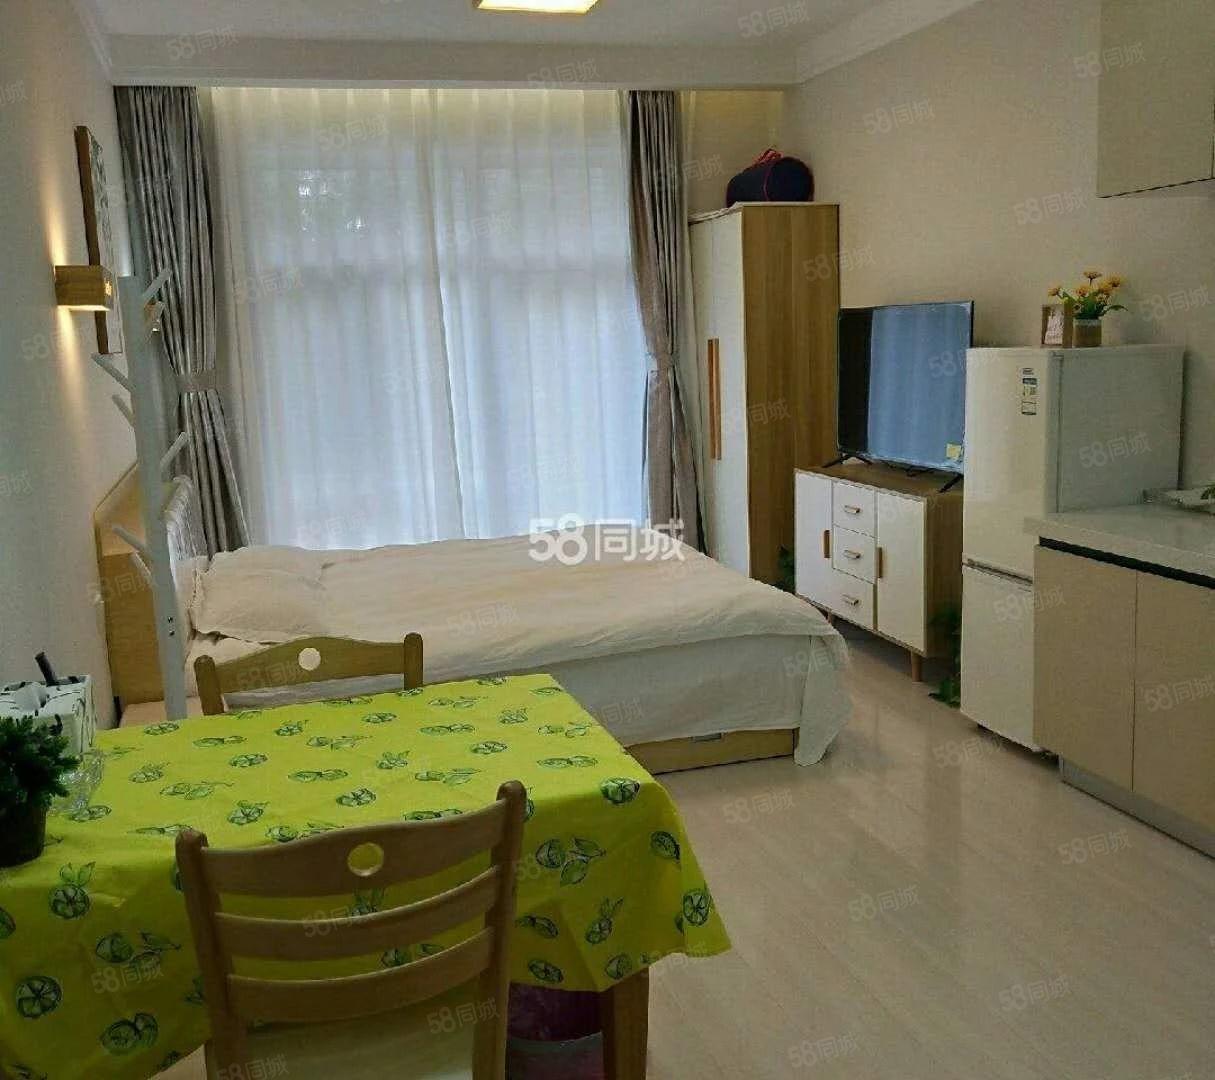 两室三室几十套啊一线江景房带暖气啊领包啊江边每个小区都有房子